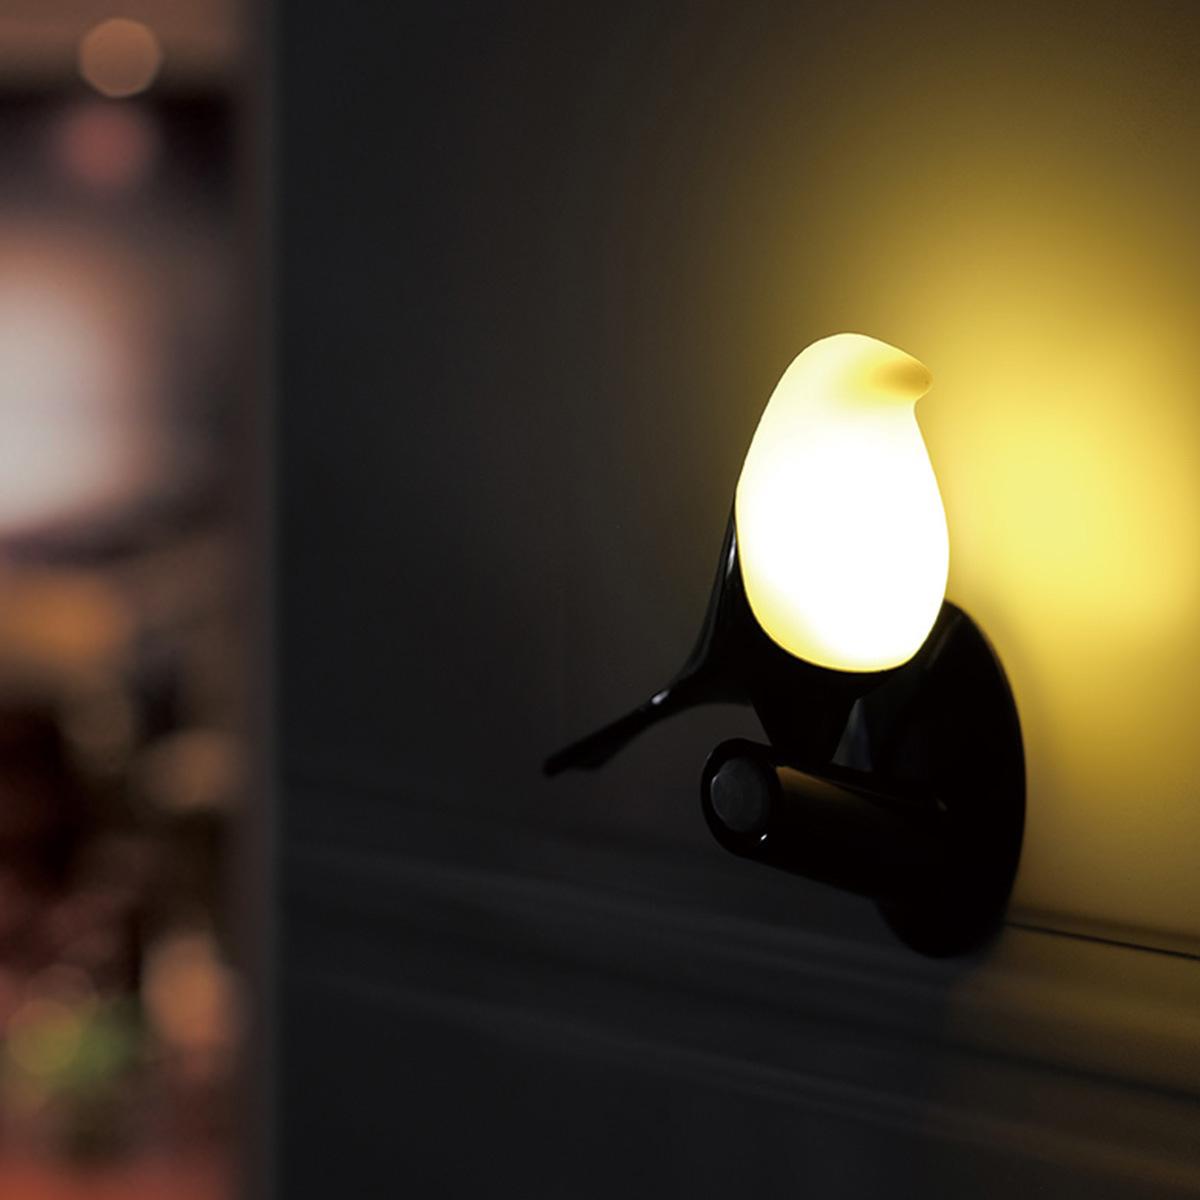 小鳥LED充電小夜燈迷你矽膠燈創意led餵奶燈人體感應燈觸摸光感燈